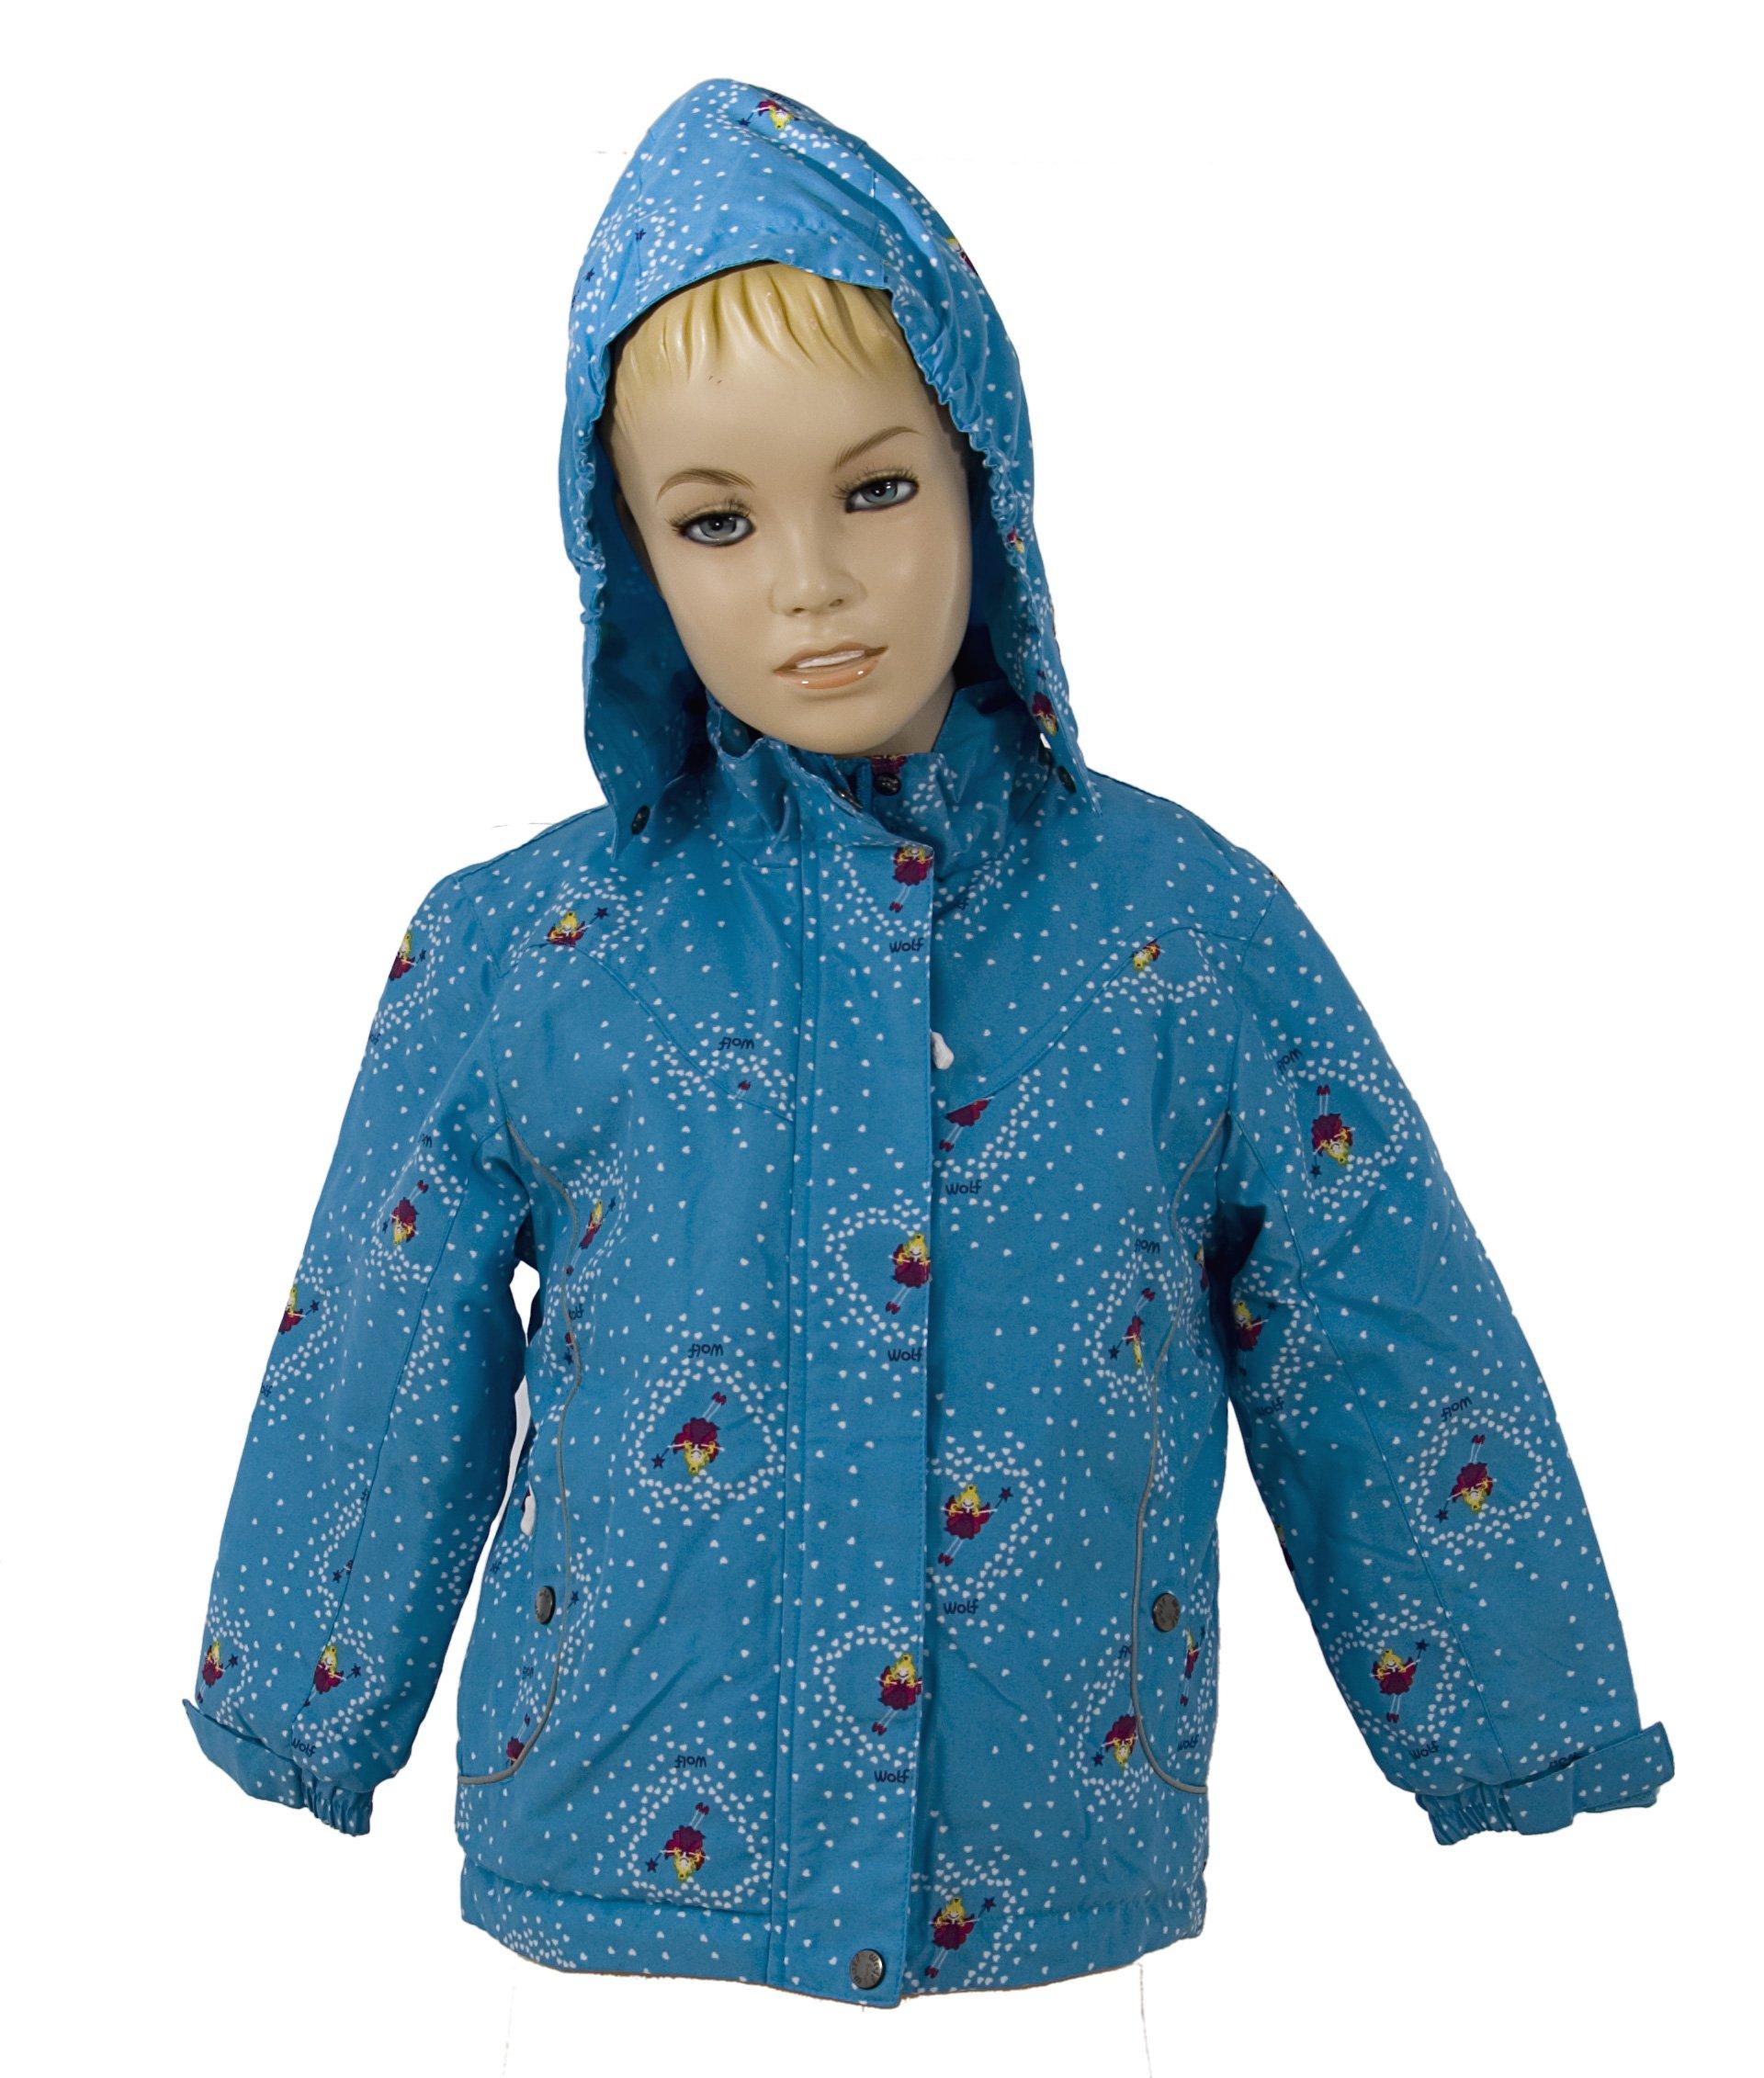 Bunda s fleece pod��vkou a kapuc� velikost 98-128 V�PRODEJ